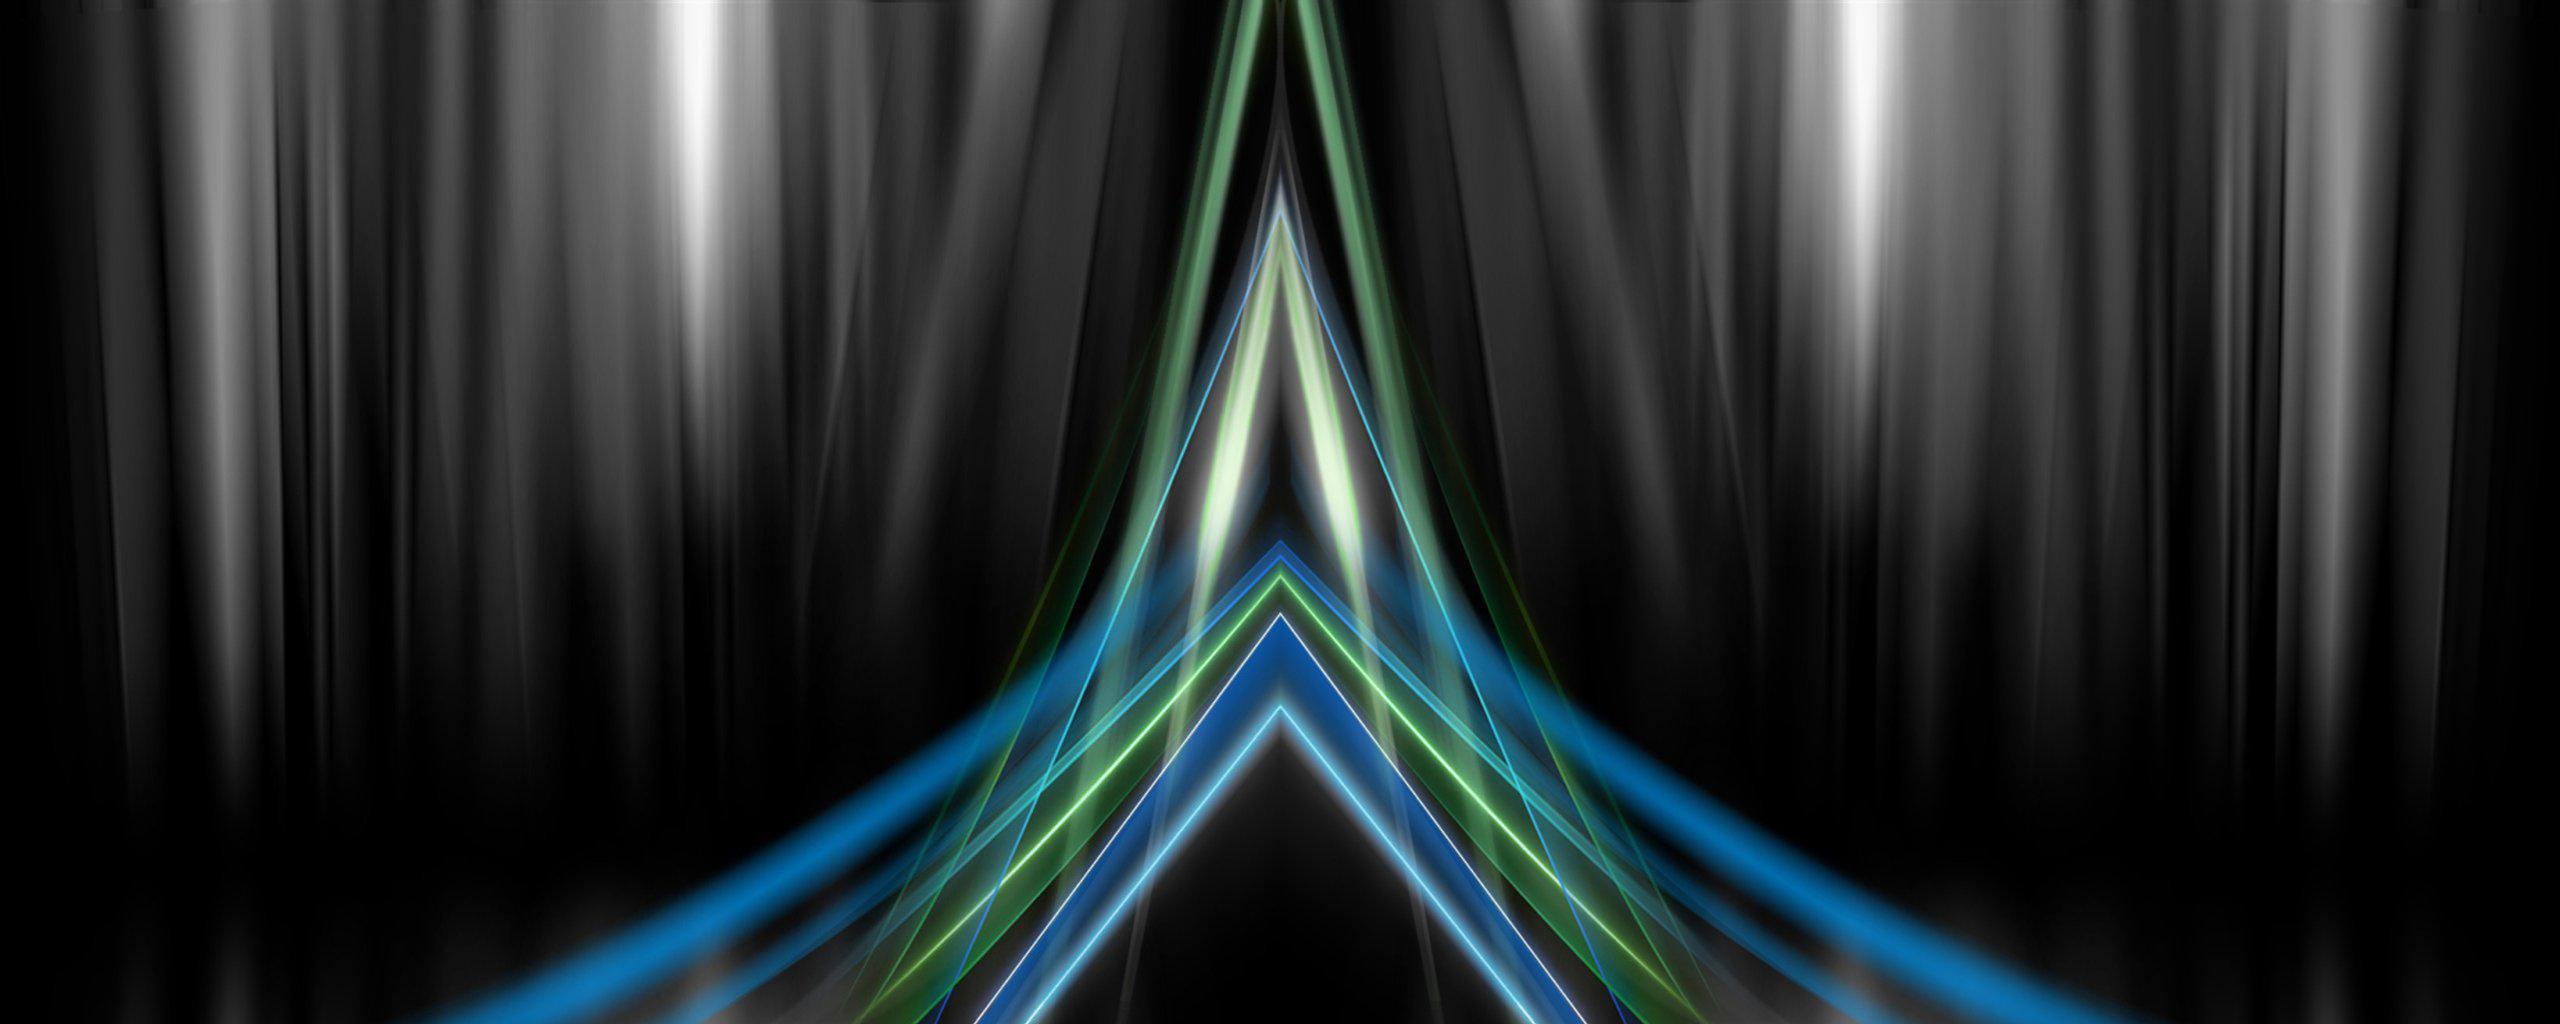 Multi Monitor - Künstlerisch  Hintergrundbild